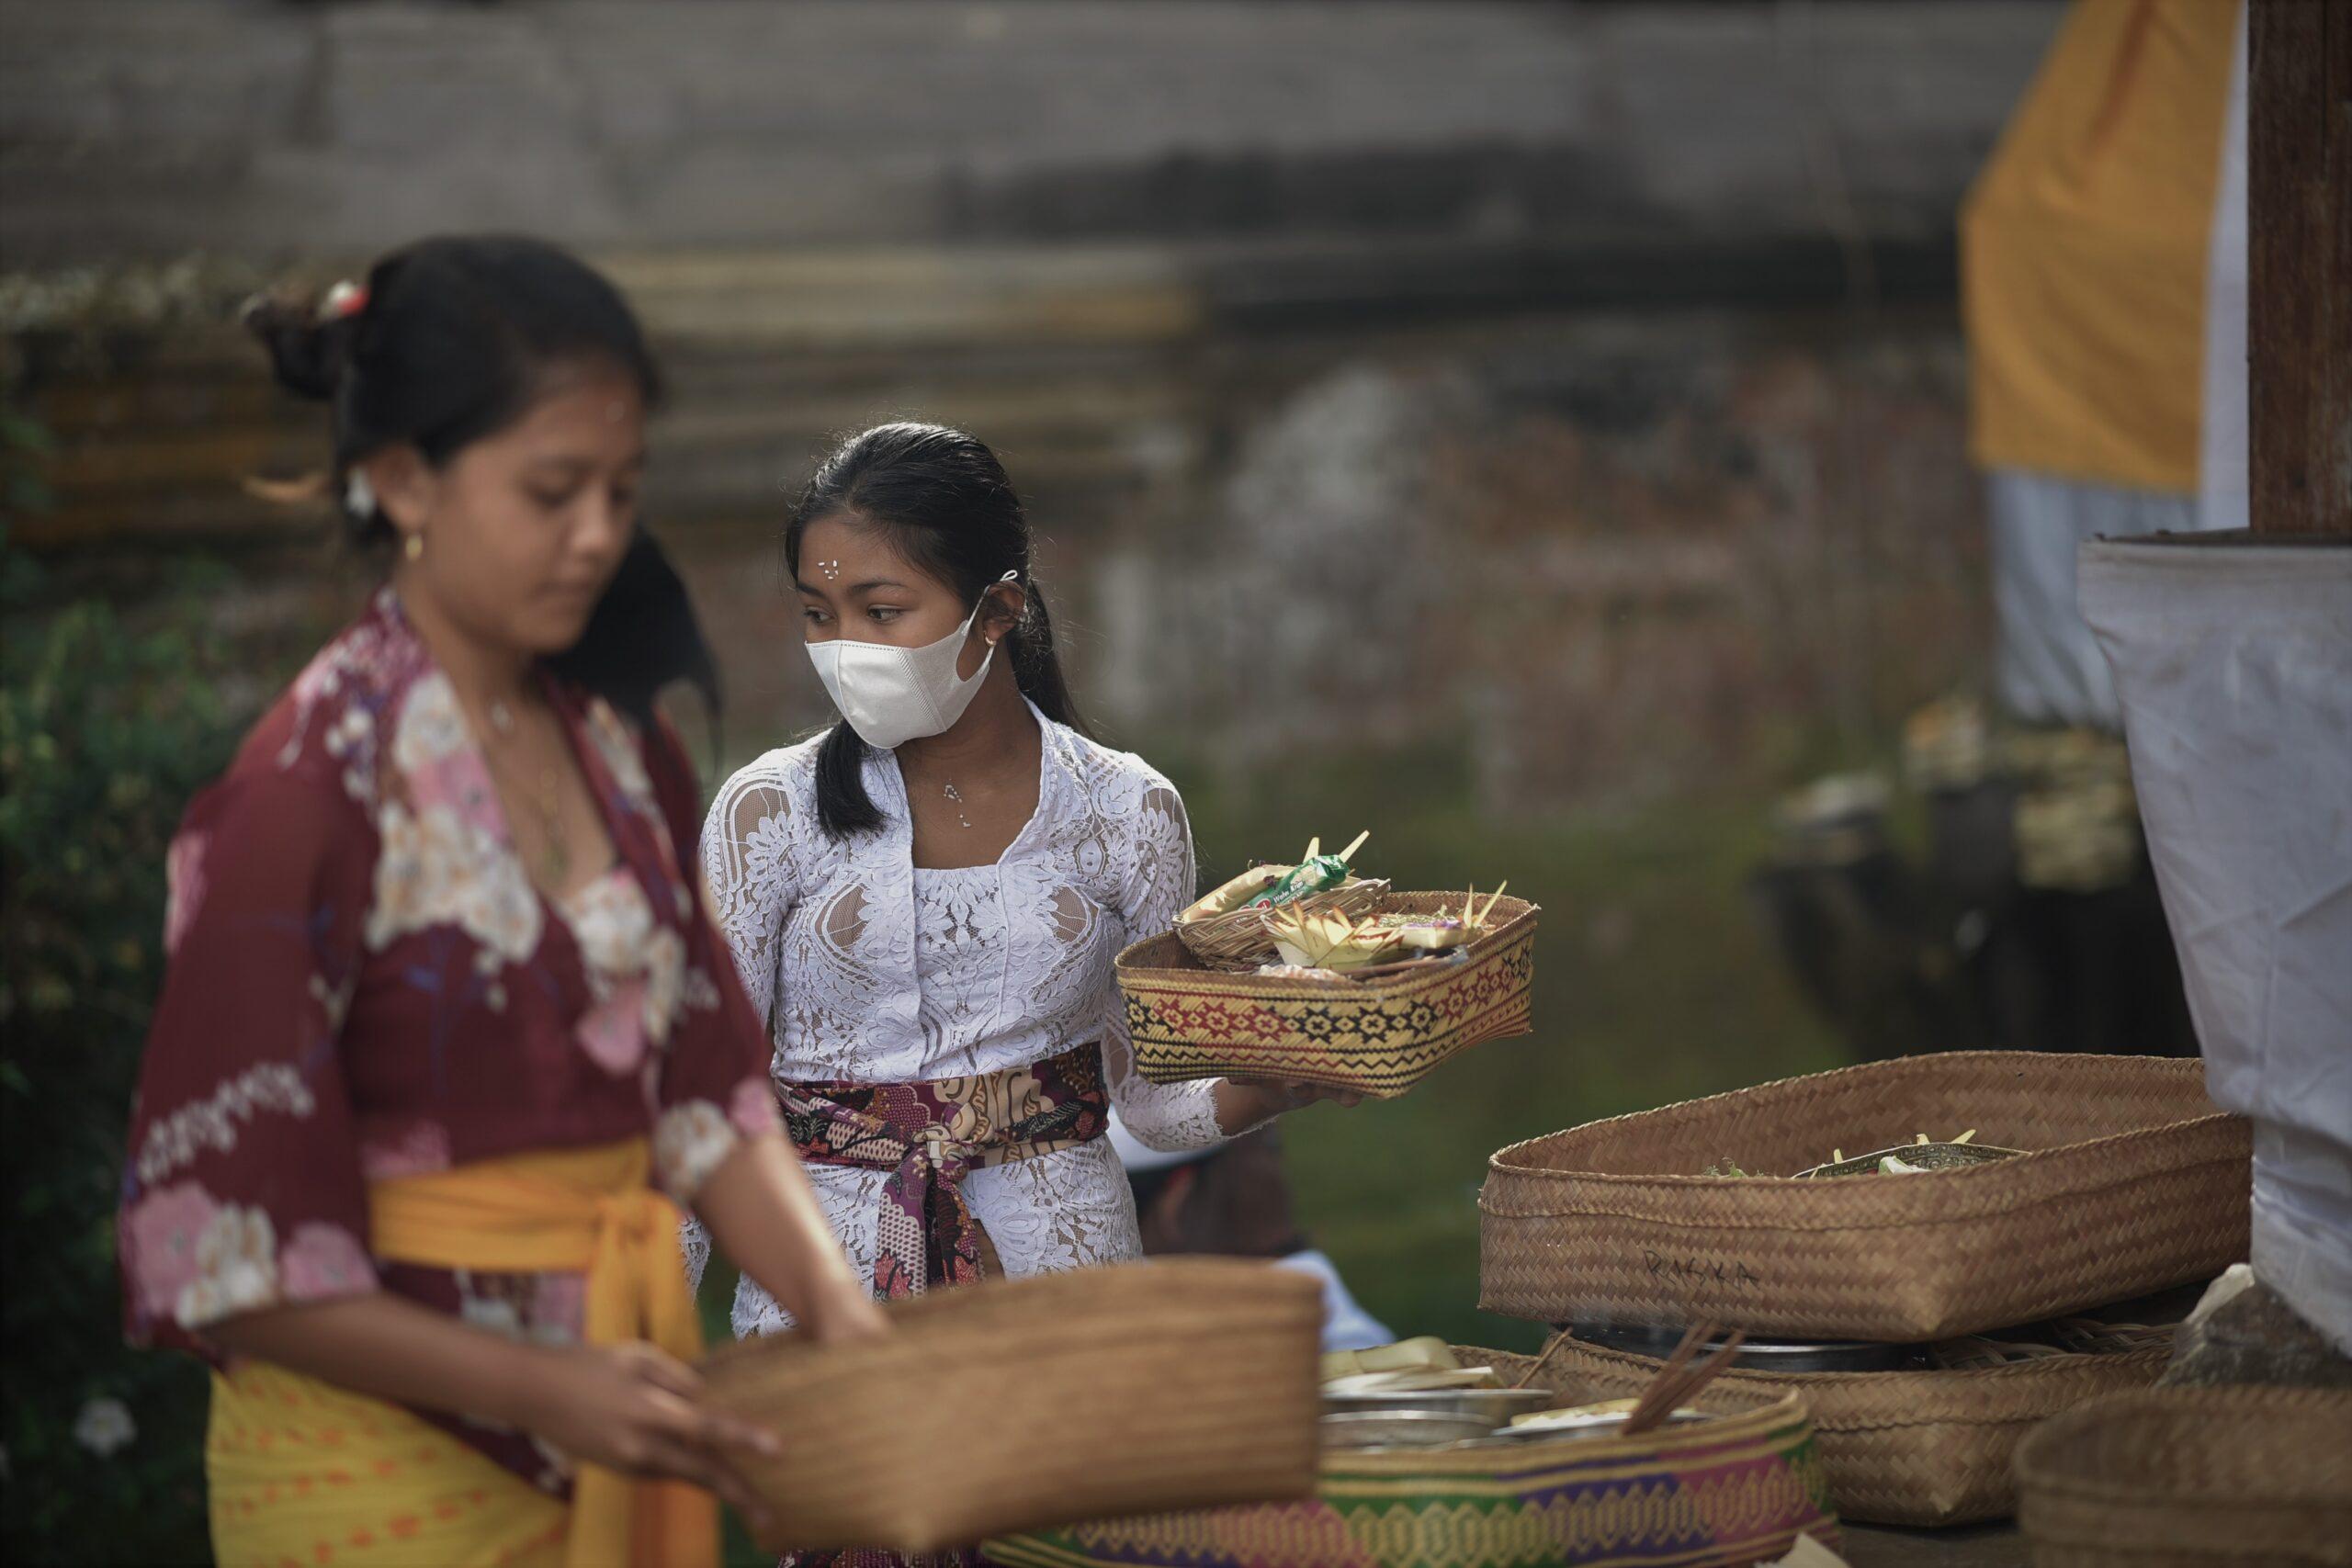 お寺でお供え物の準備をする少女